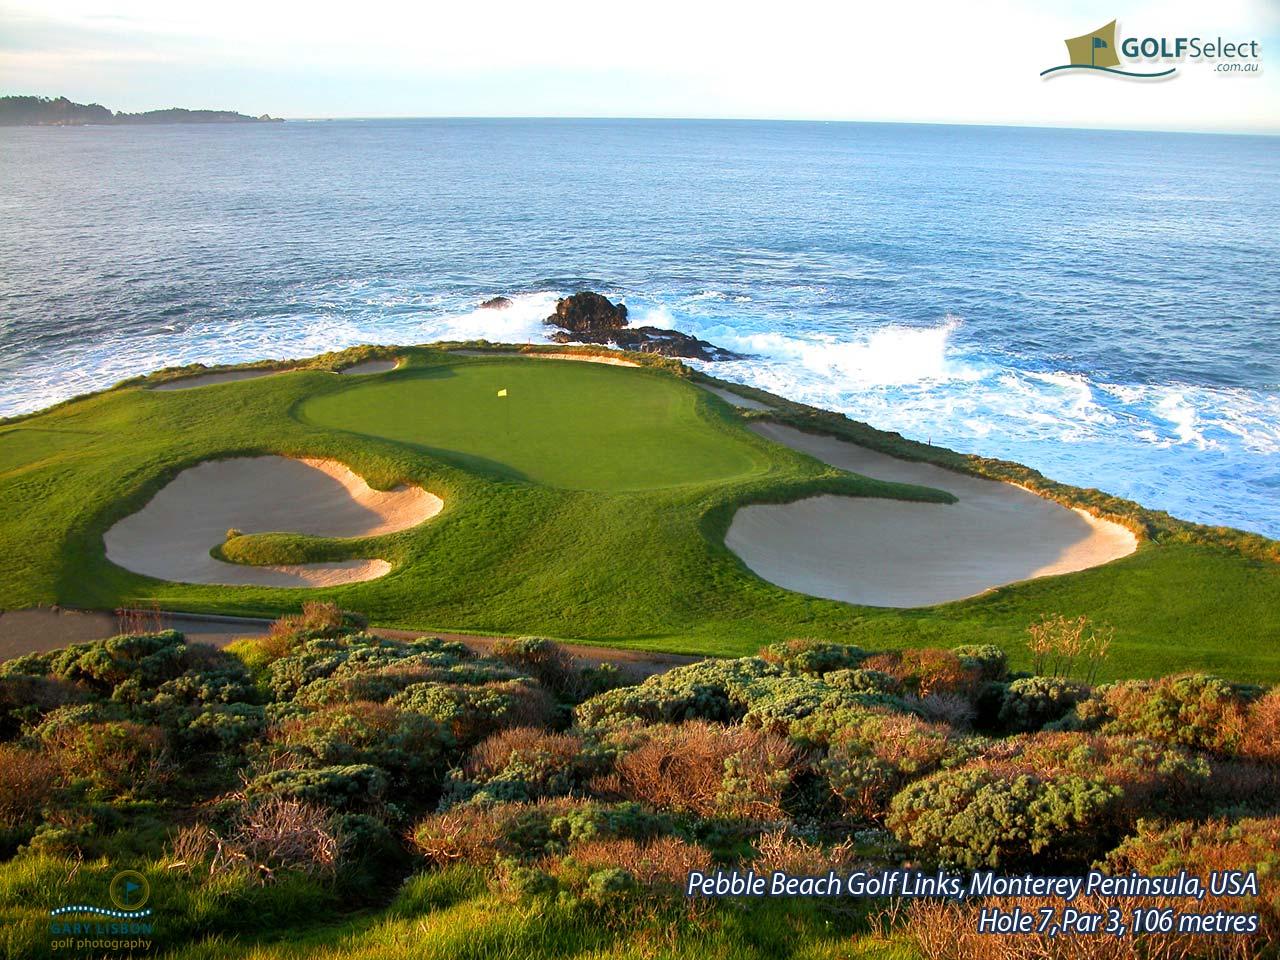 Golfselect Golf Wallpaper Pebble Beach Links Hole 7